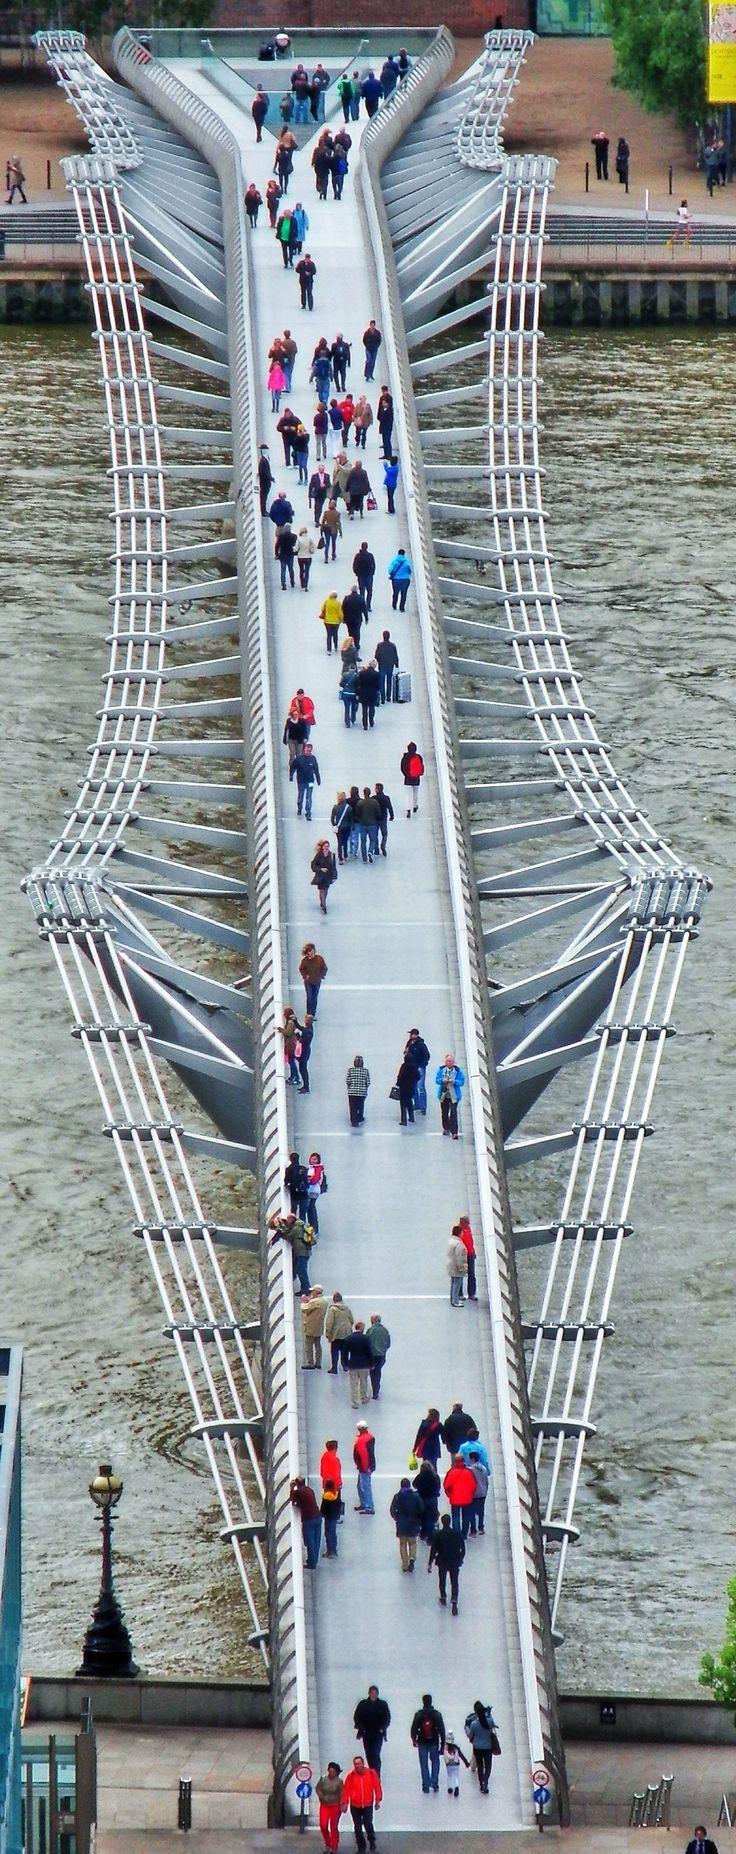 El Millennium Bridge de #Londres conecta la #TateModern con la Catedral de San Pablo http://www.viajaralondres.com/lugares-para-visitar-en-londres/catedral-de-san-pablo/